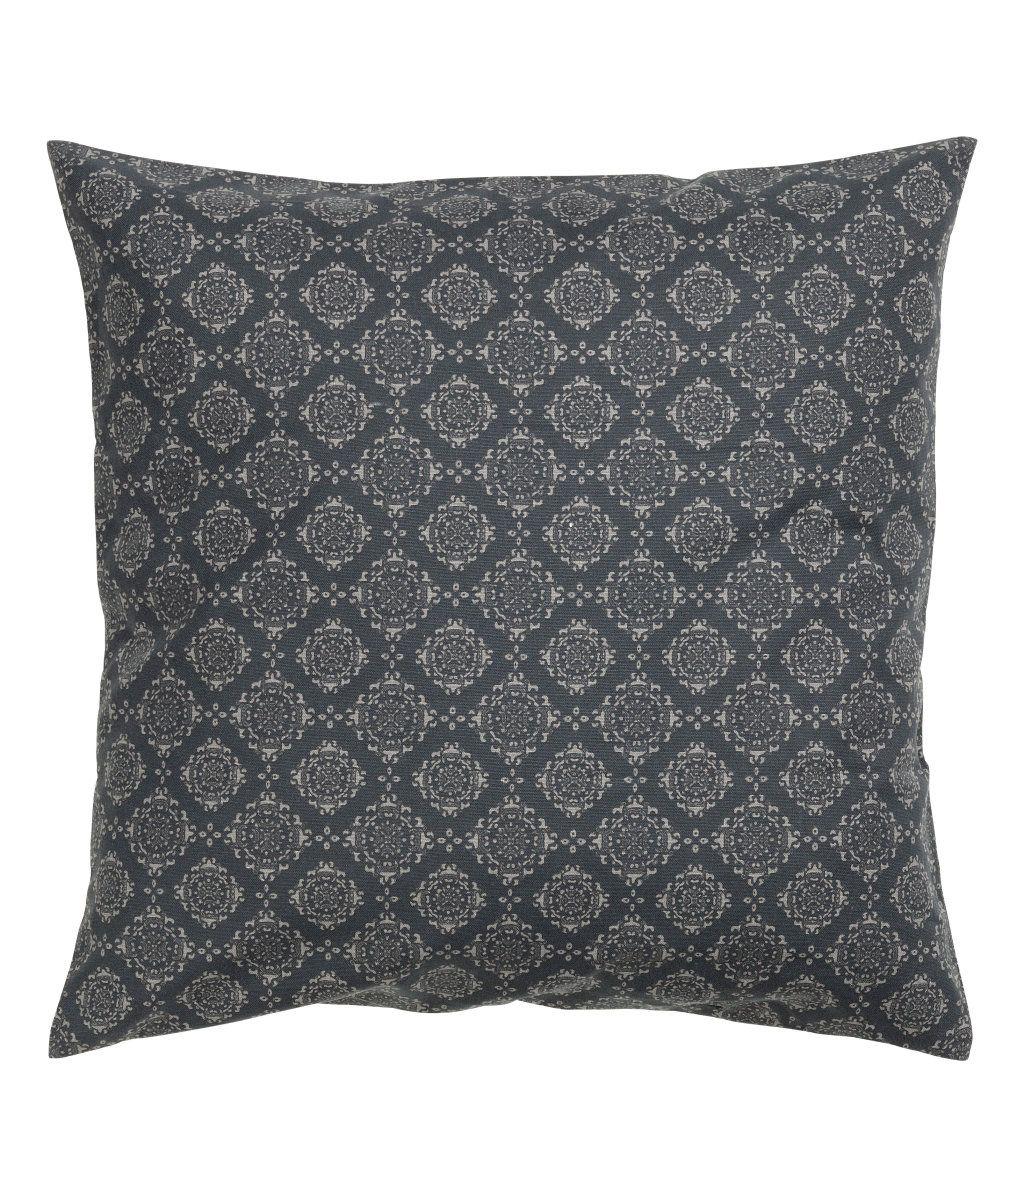 Antracitgrå. Pudebetræk i bomuldskvalitet med trykt mønster. Skjult lynlås.